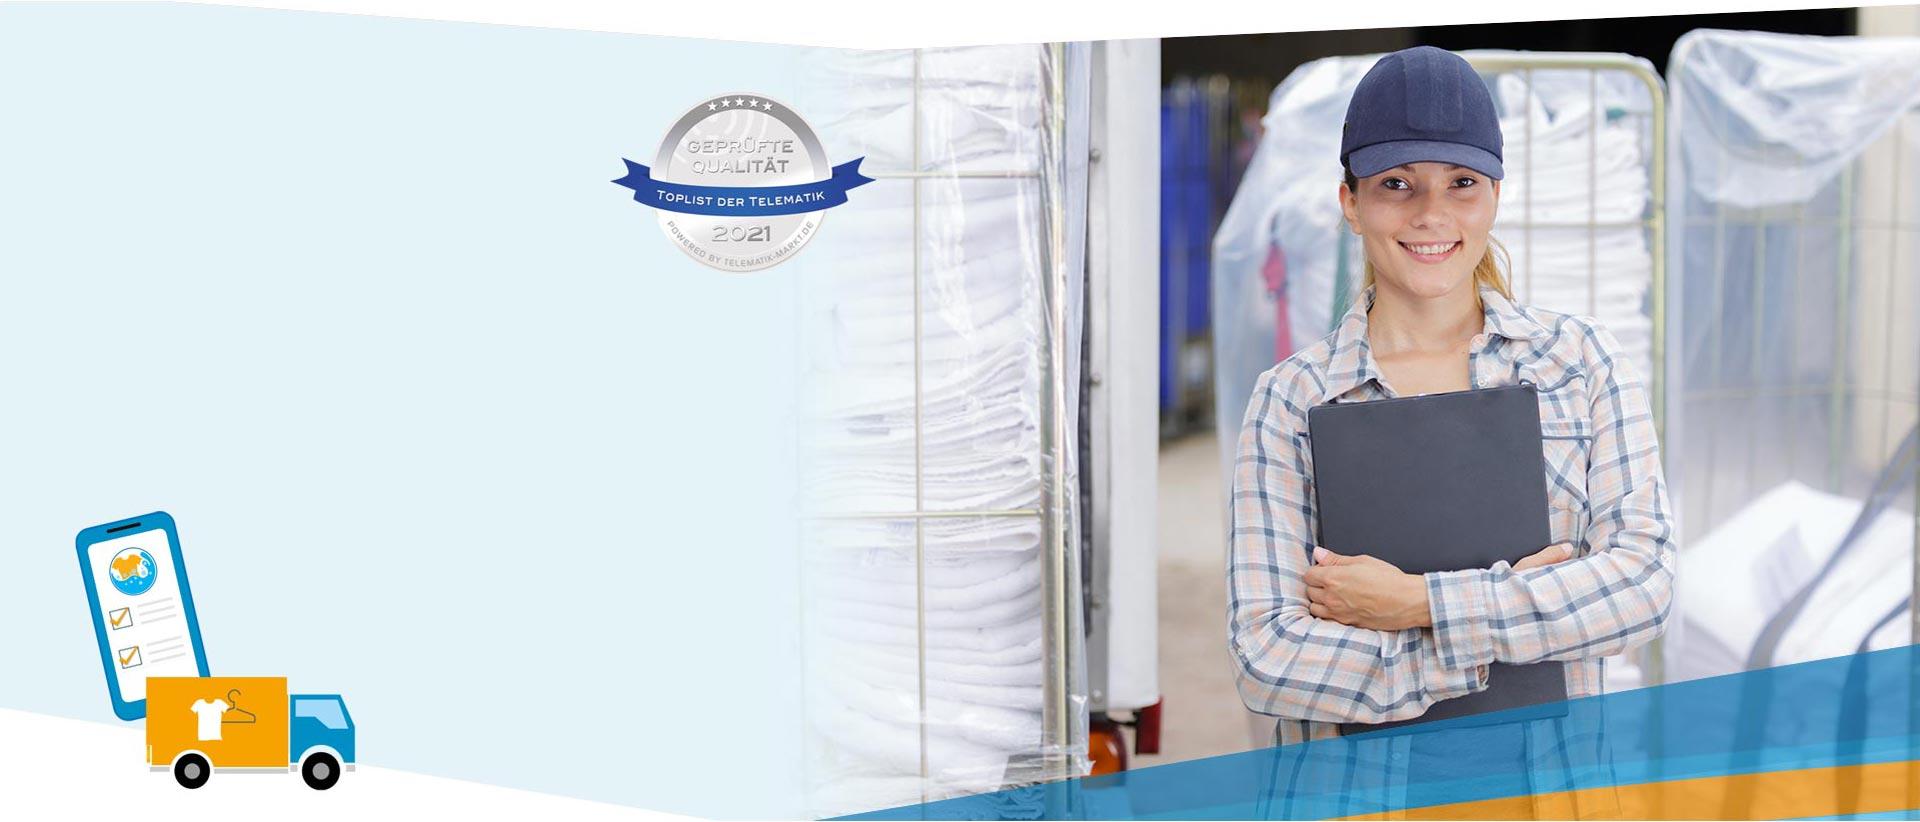 DeDeNet Textilservice 4.0